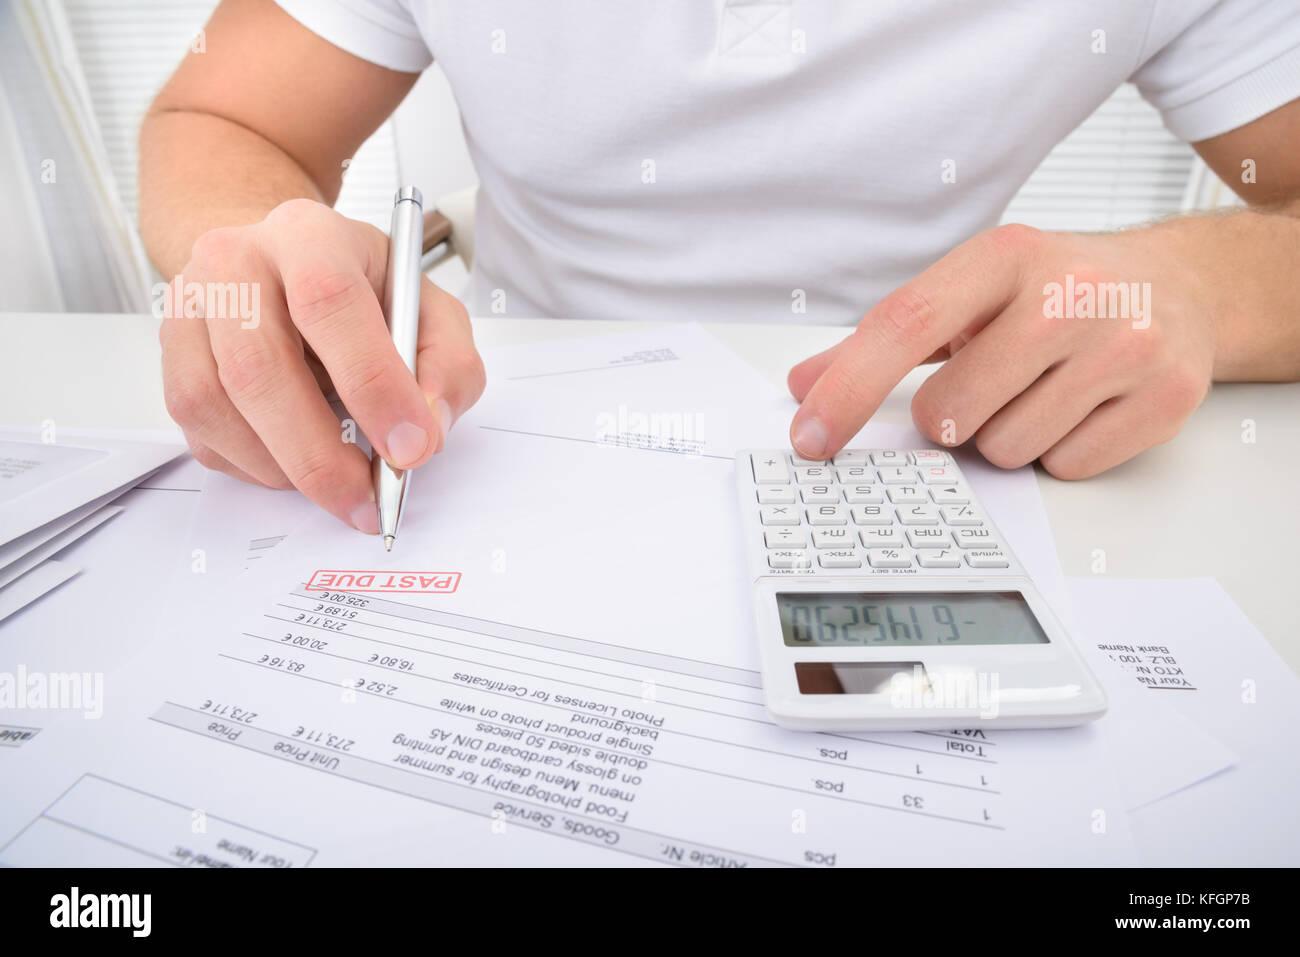 Uomo passato di calcolo a causa dichiarazione utilizzando la calcolatrice Immagini Stock